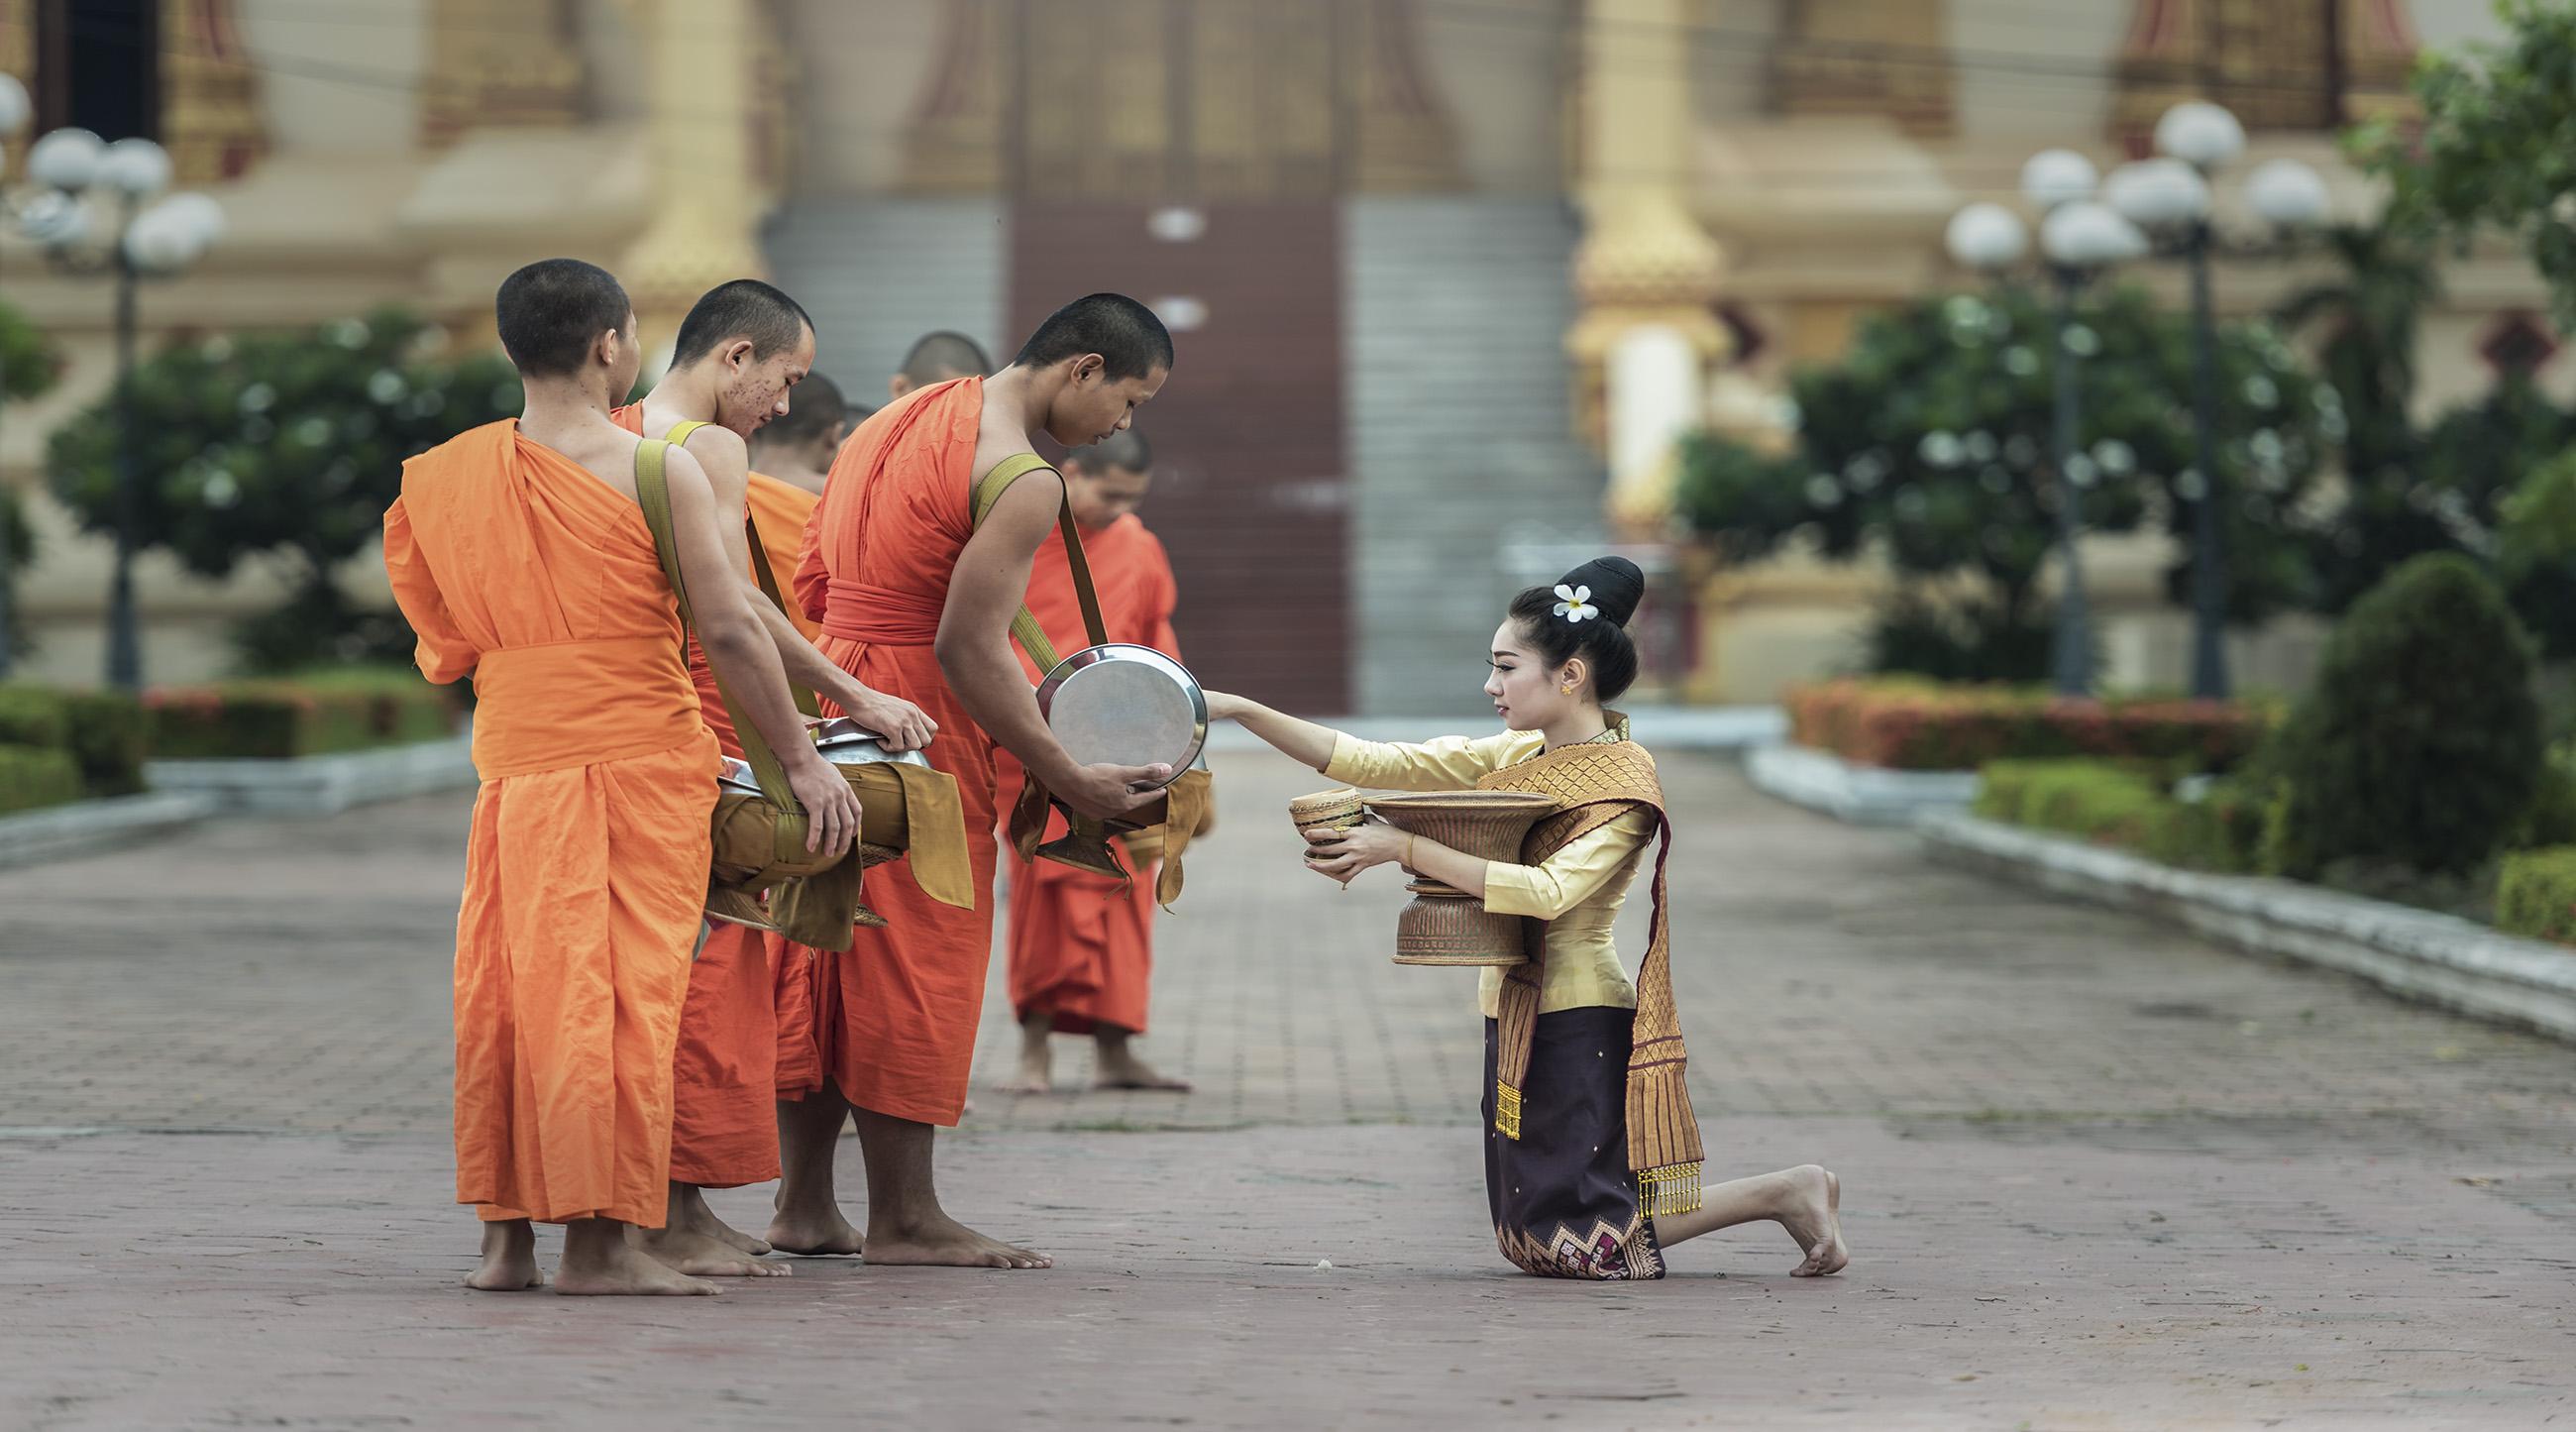 Cảm nhận về Lào sau hành trình 4 ngày 3 đêm - Vietmountain travel 3